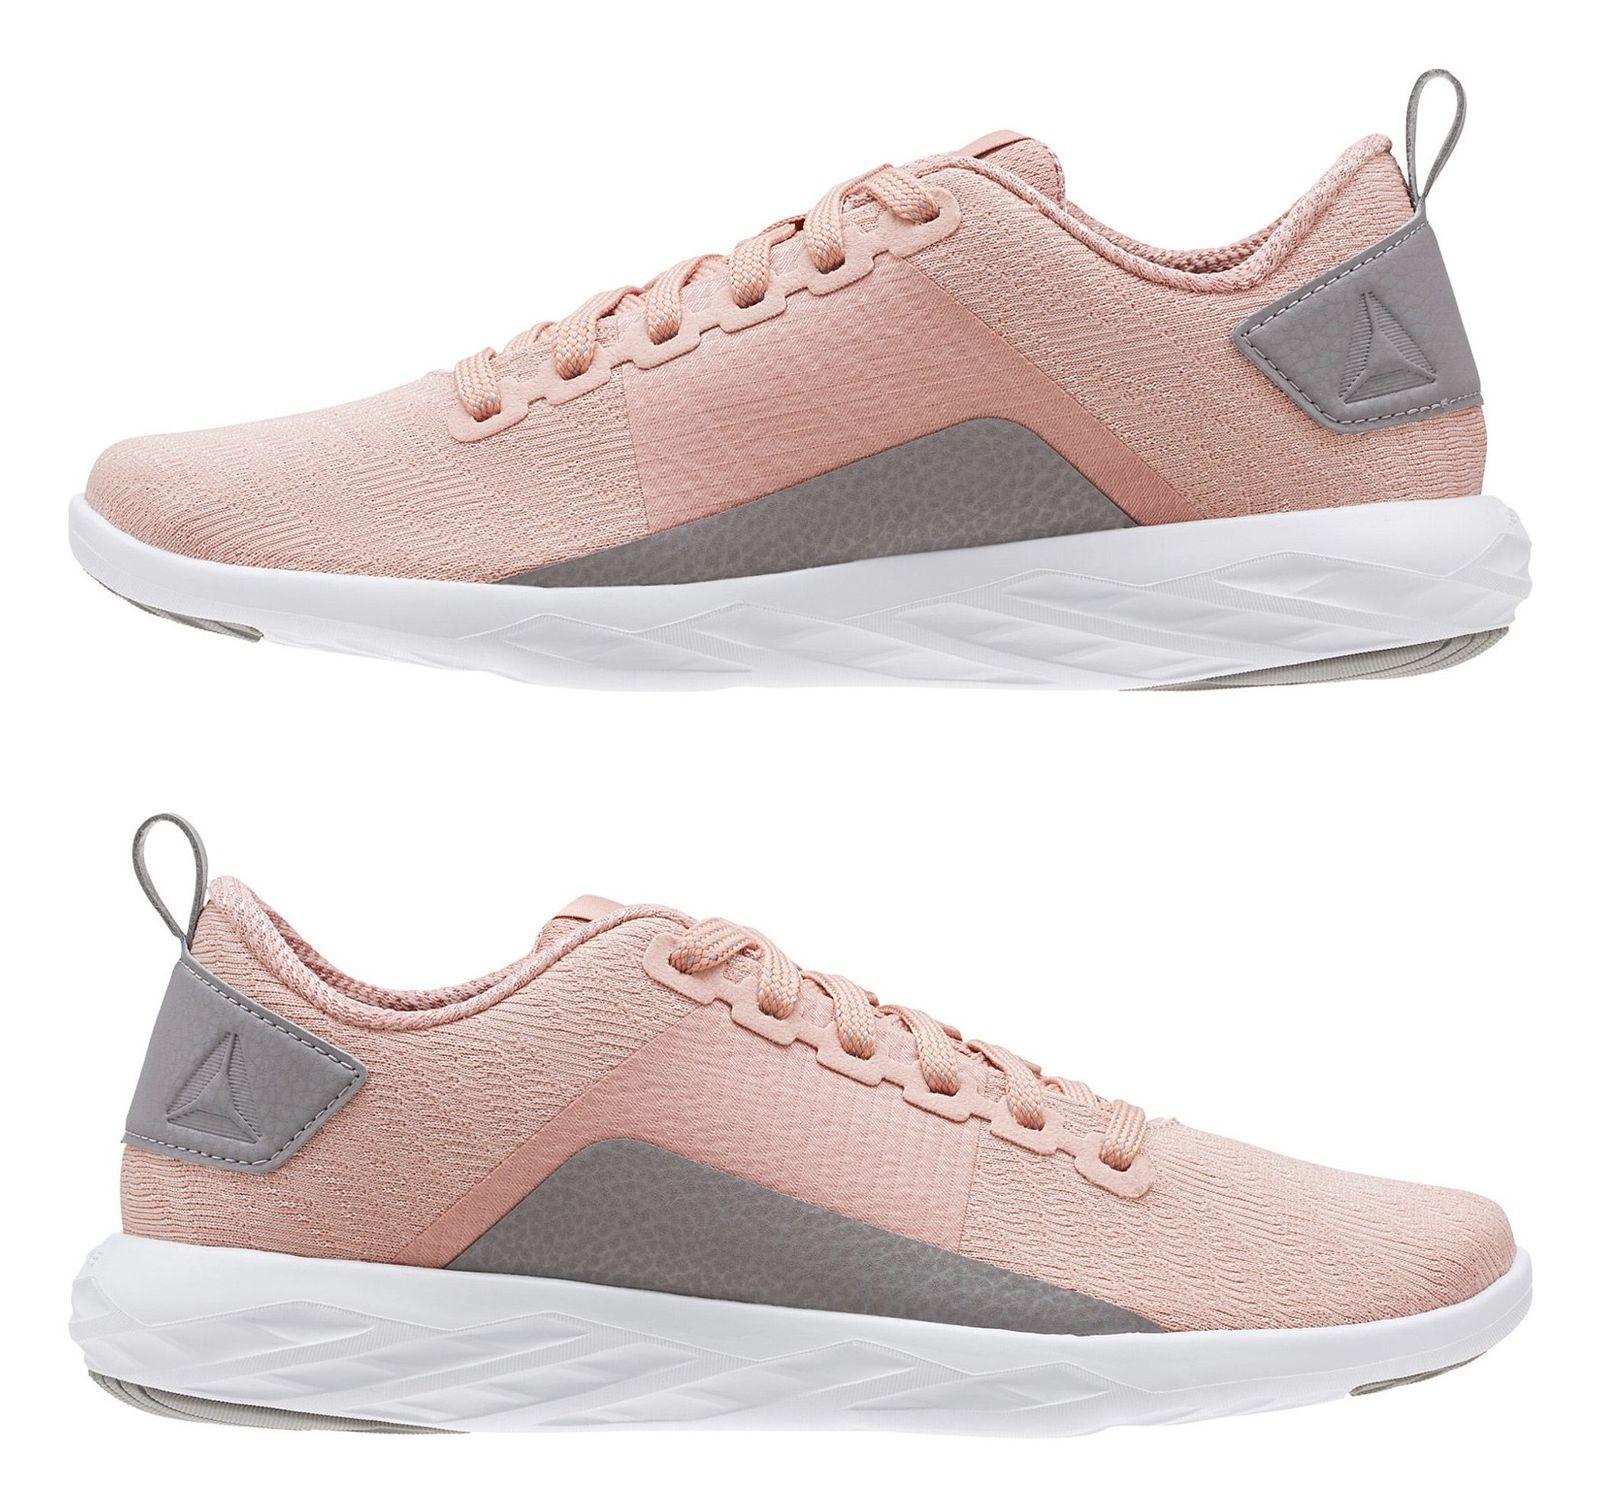 کفش مخصوص پیاده روی زنانه ریباک مدل Astroride Walk - صورتي - 4